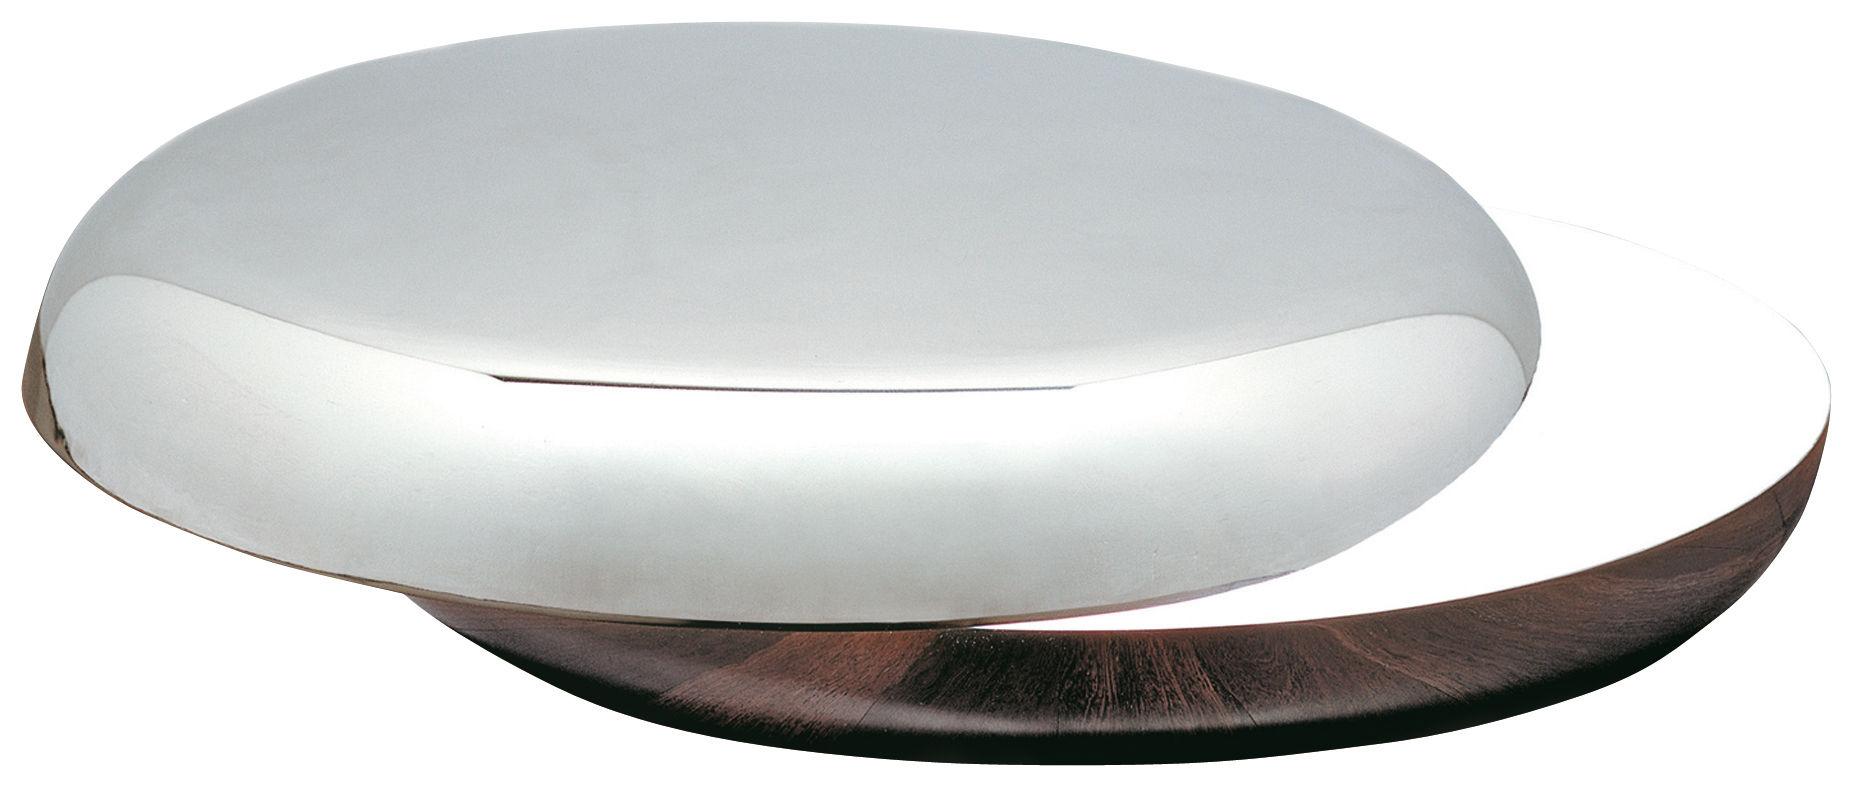 Loop Table Lamp Aluminium Et Nickel By Fontana Arte Made